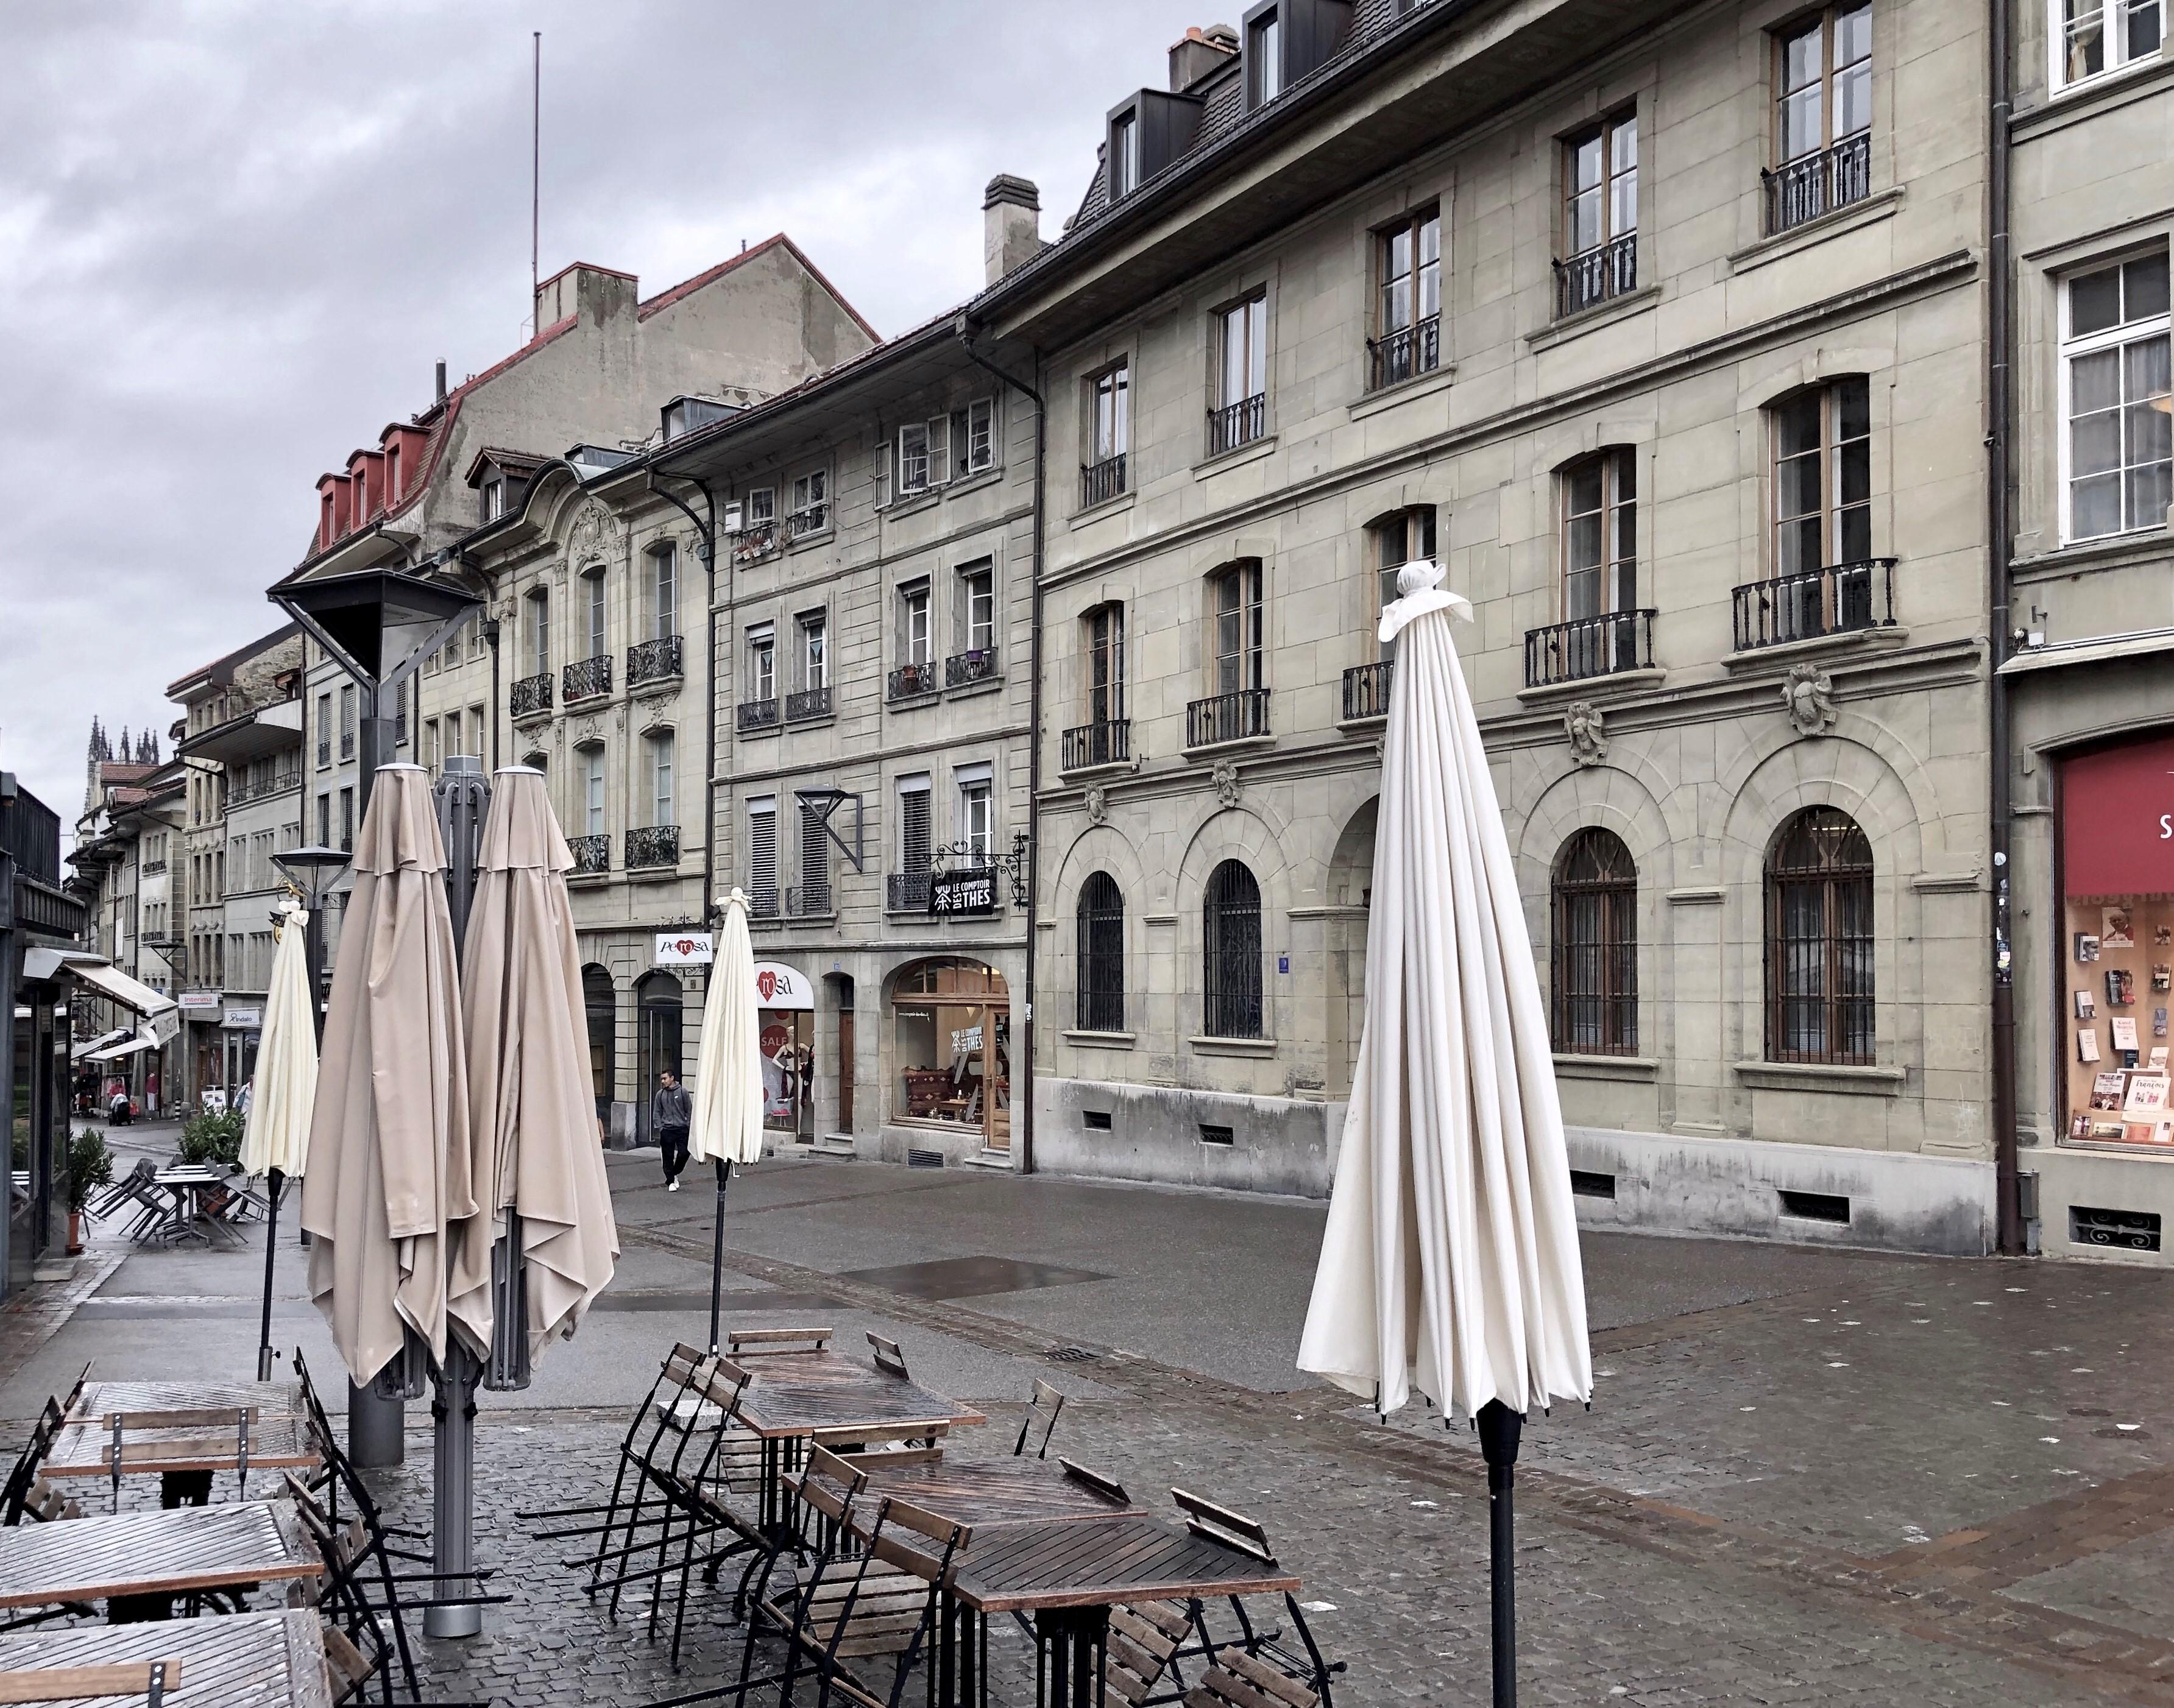 Avant - Après: Fribourg et la rue de Lausanne